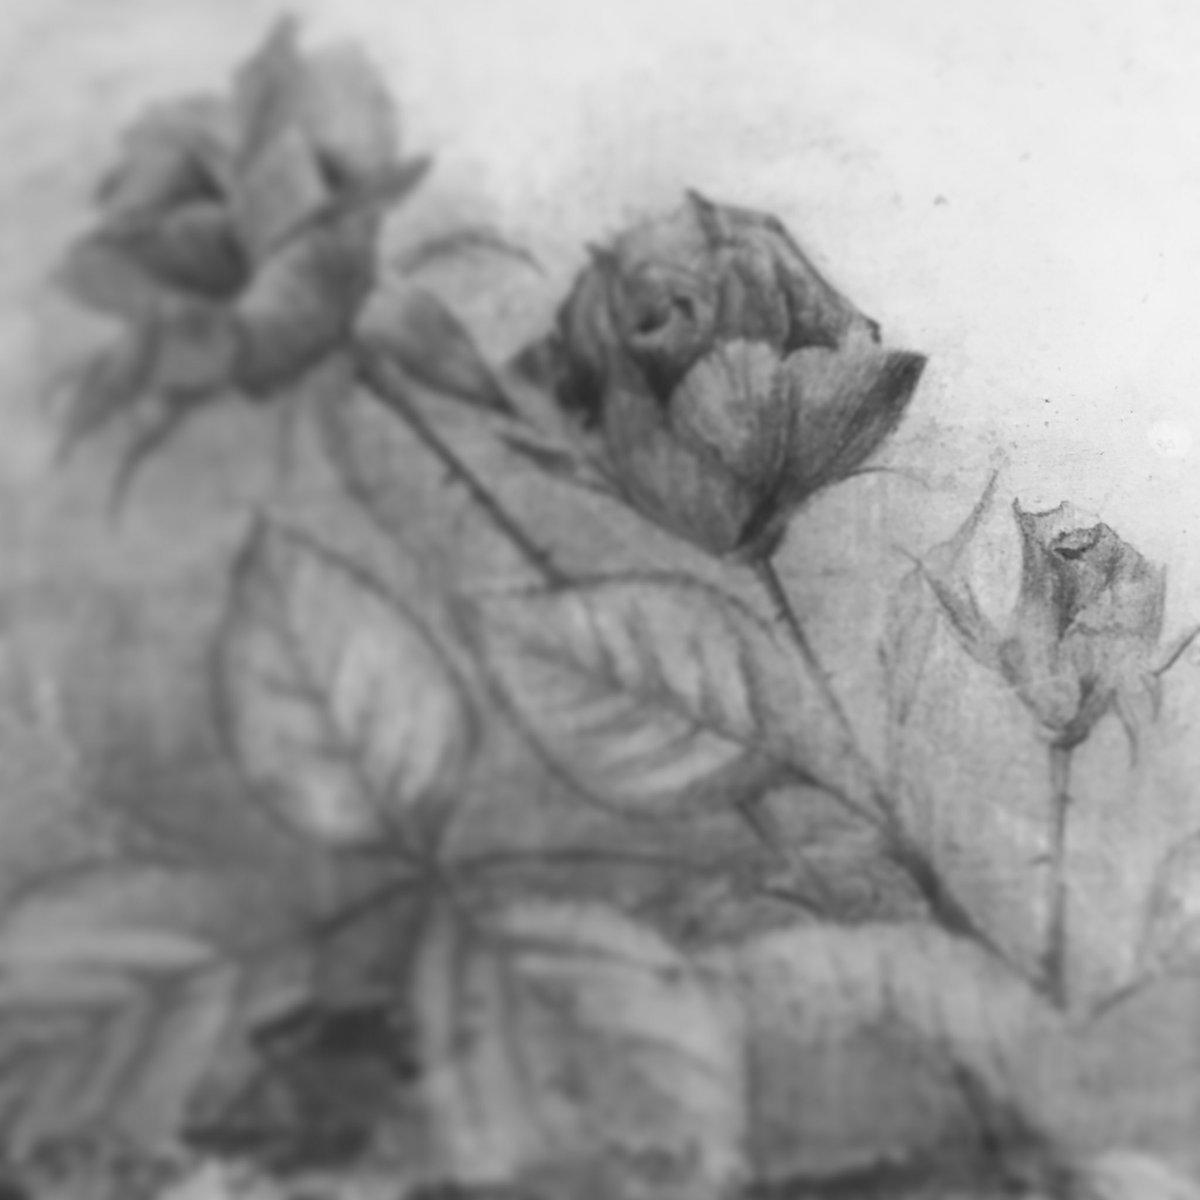 薔薇 貧者 の